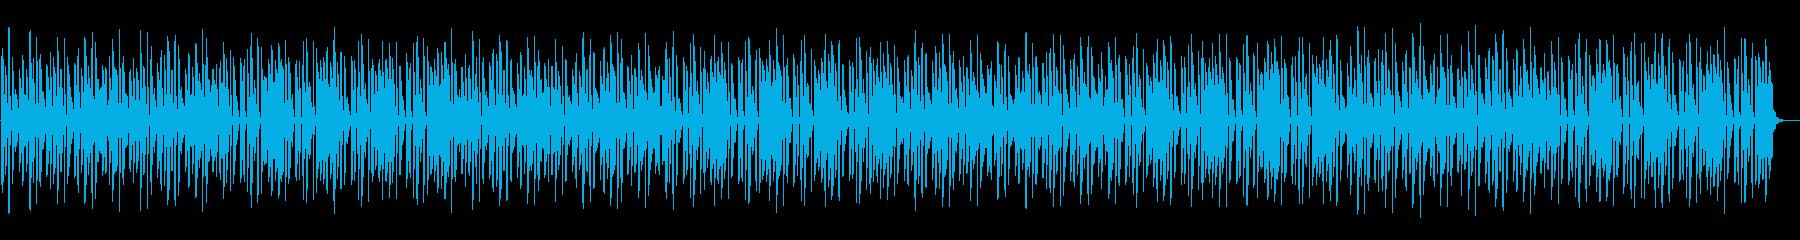 アンドロイド AI チップチューン  の再生済みの波形